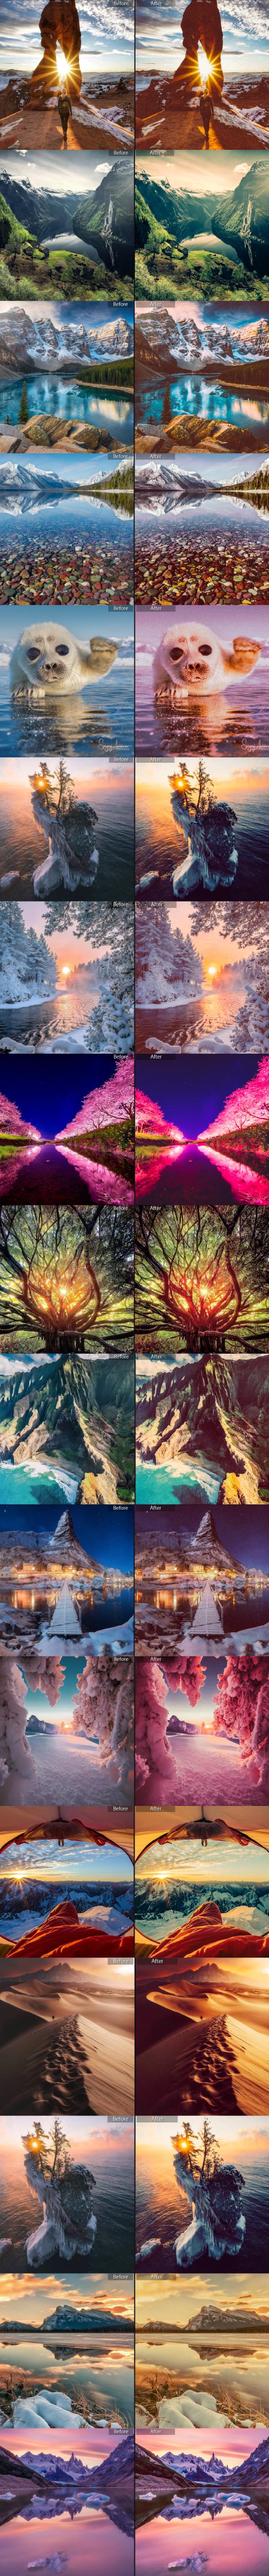 20 LR Sunlight Presets - Landscape Lightroom Presets